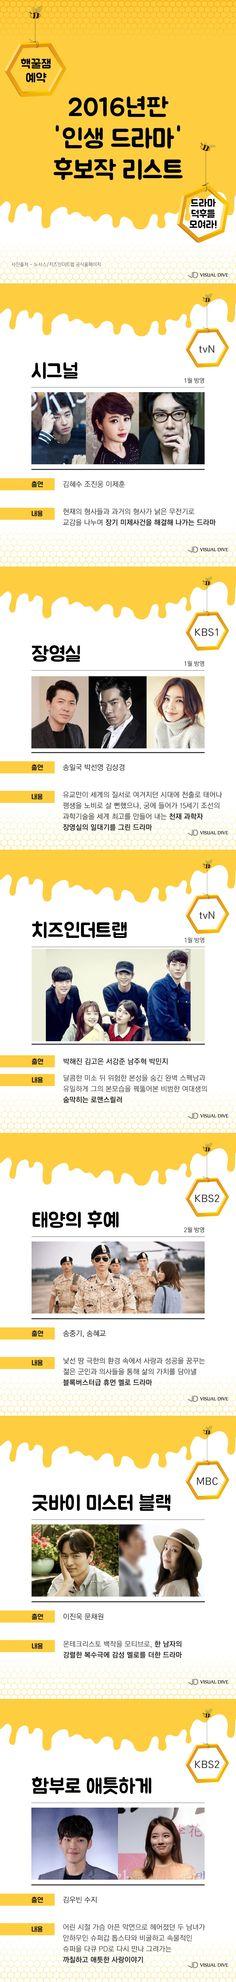 2016년 상반기 드라마 기대작 라인업 [카드뉴스]]#Drama/ #Infographic ⓒ 비주얼다이브 무단 복사·전재·재배포 금지